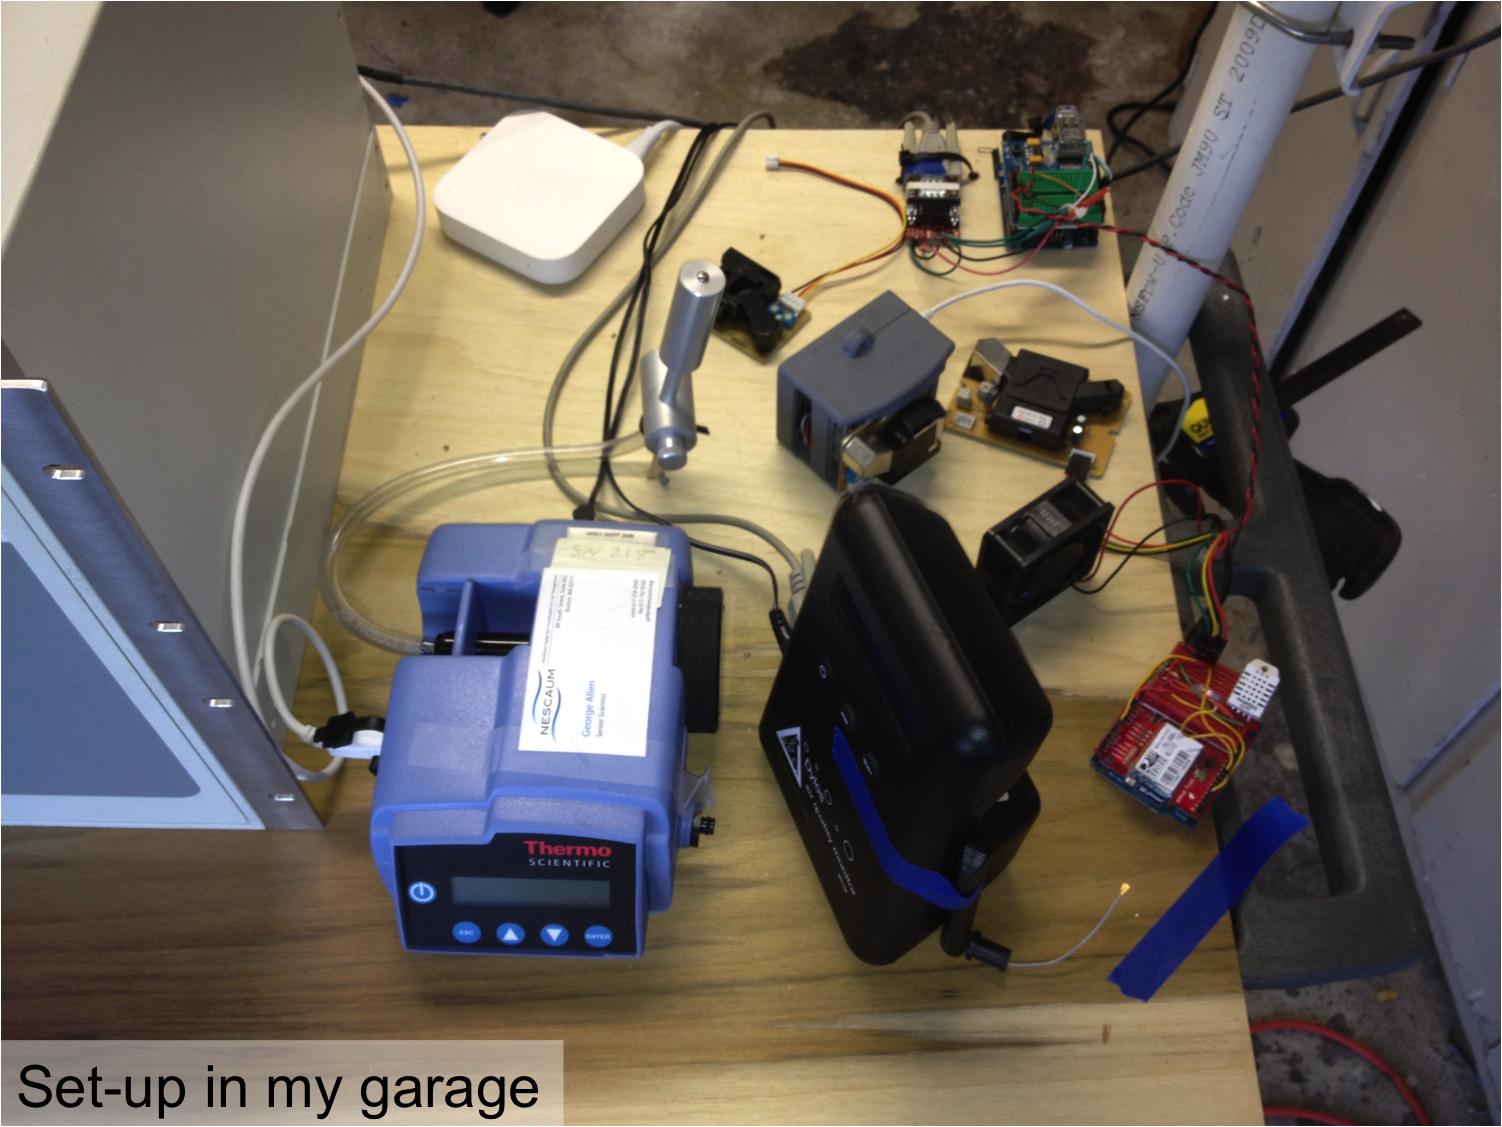 Set-up_in_my_garage[1]